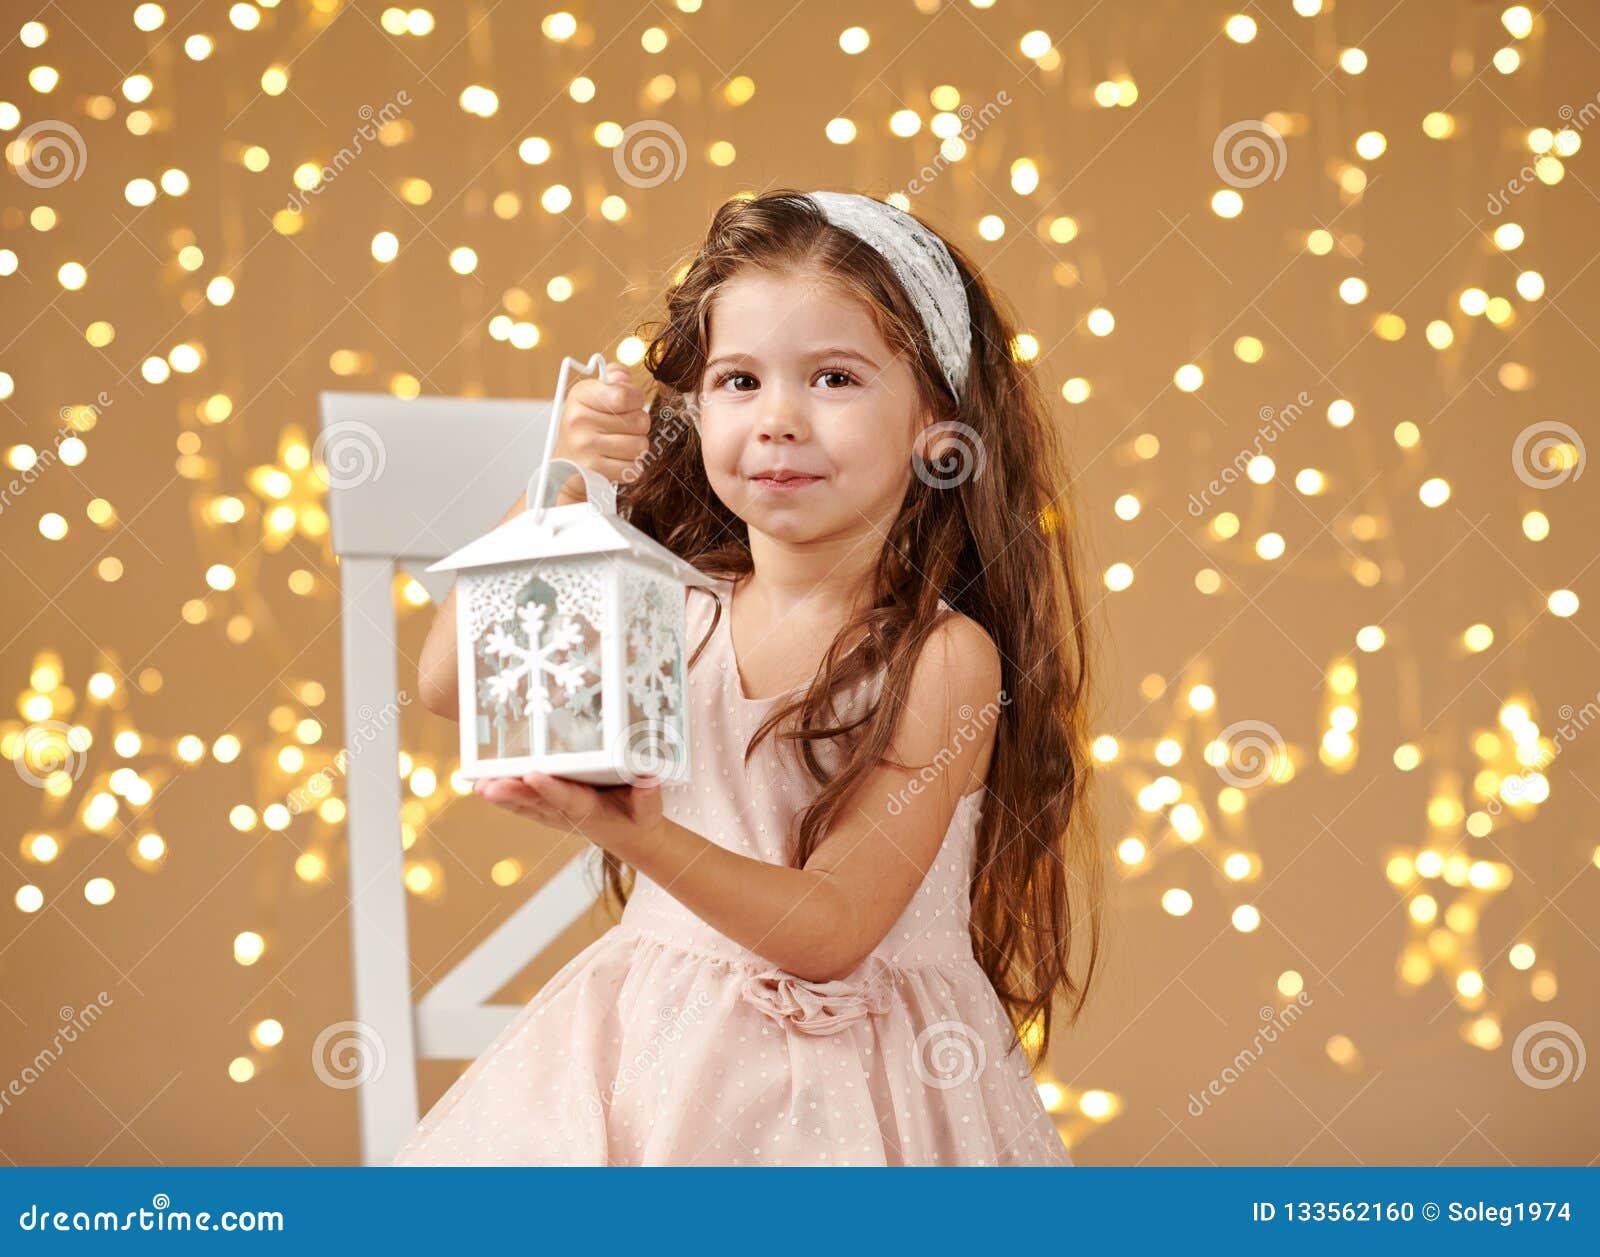 Il bambino della ragazza sta posando con la lanterna alle luci di natale, il fondo giallo, vestito rosa